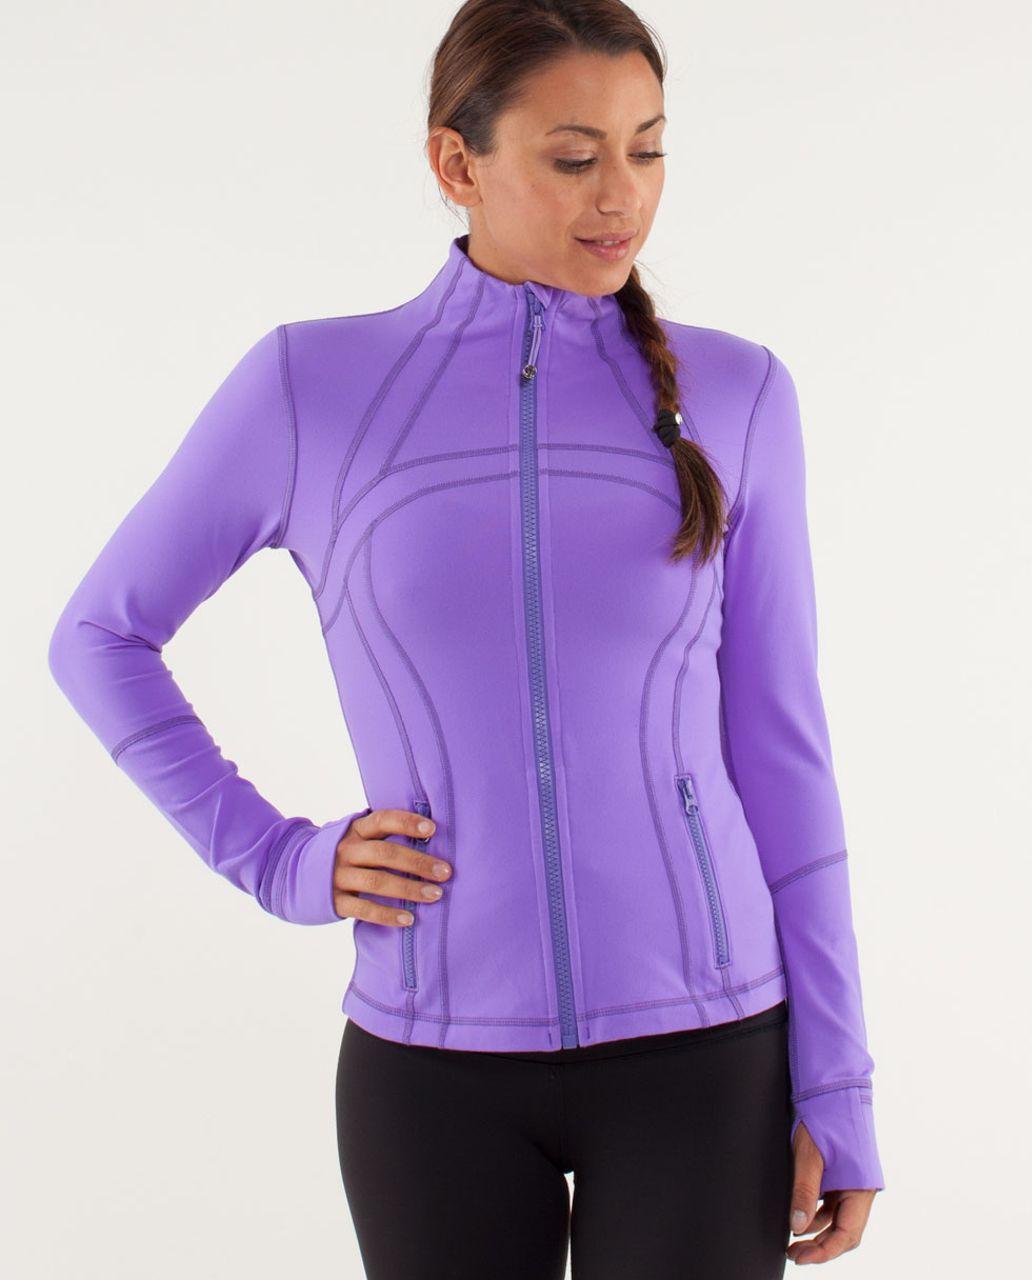 Lululemon Define Jacket - Power Purple